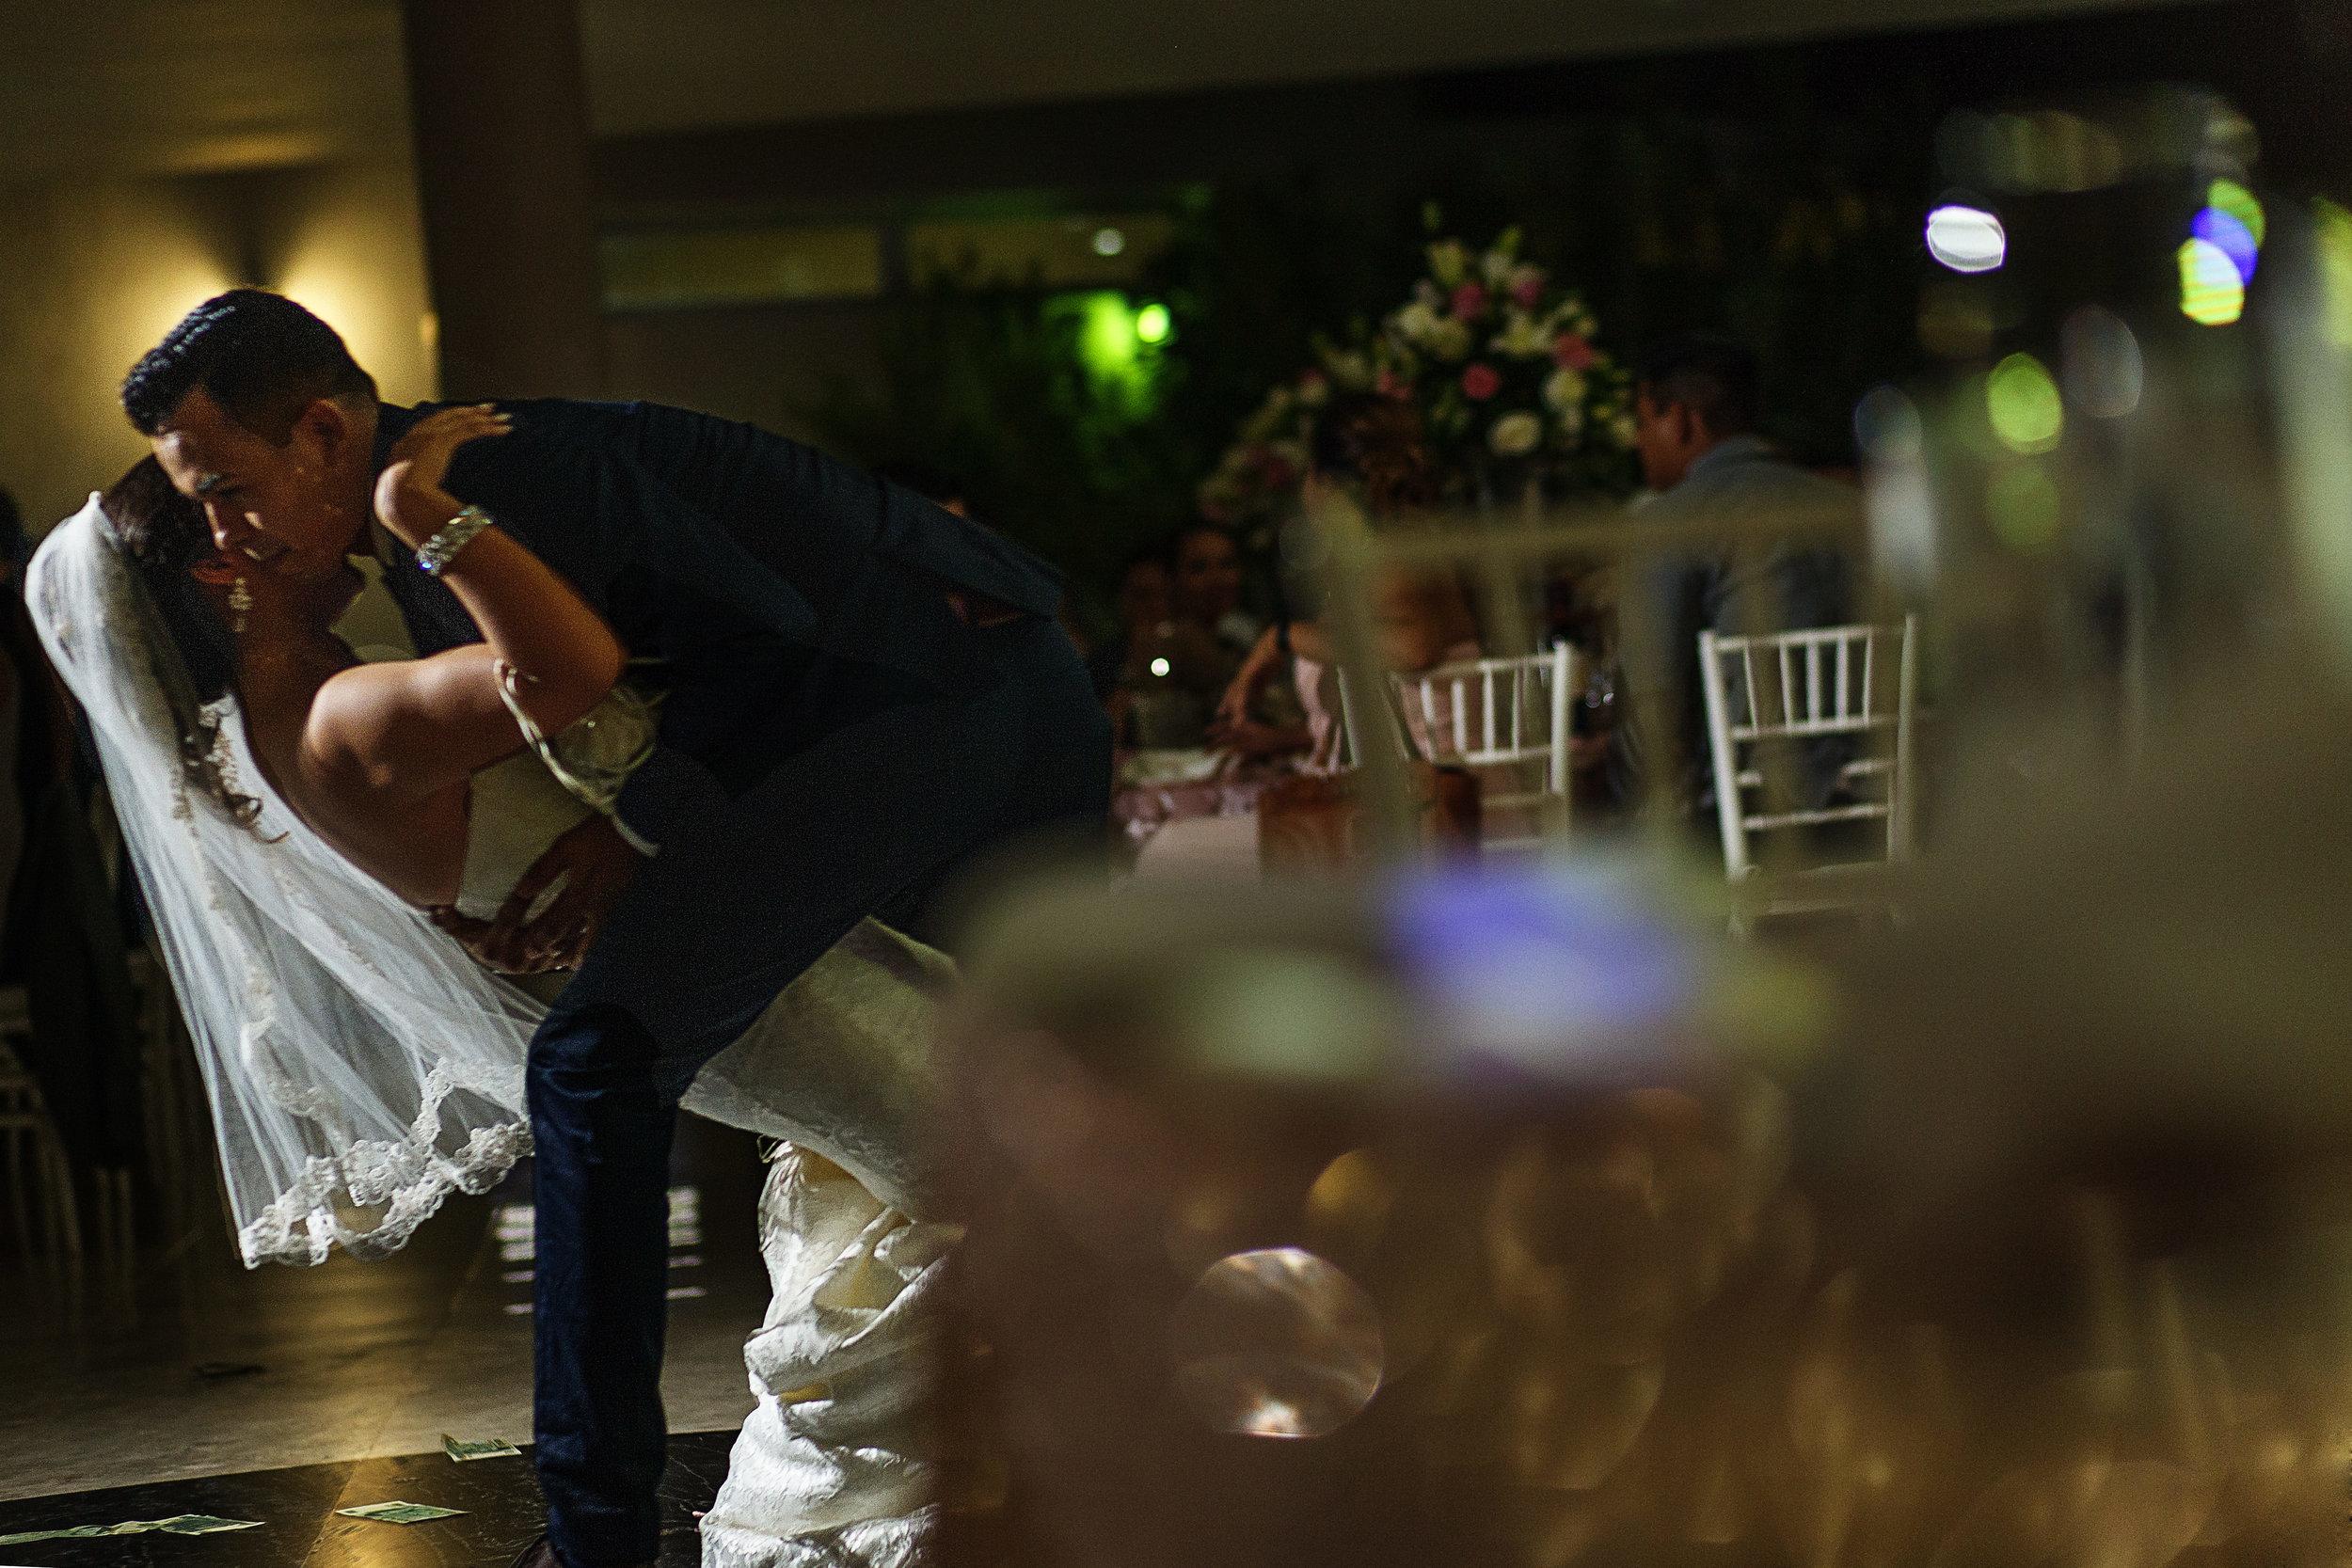 El novio inclina a la novia durante su primer baile como esposos, en la recepción de su boda